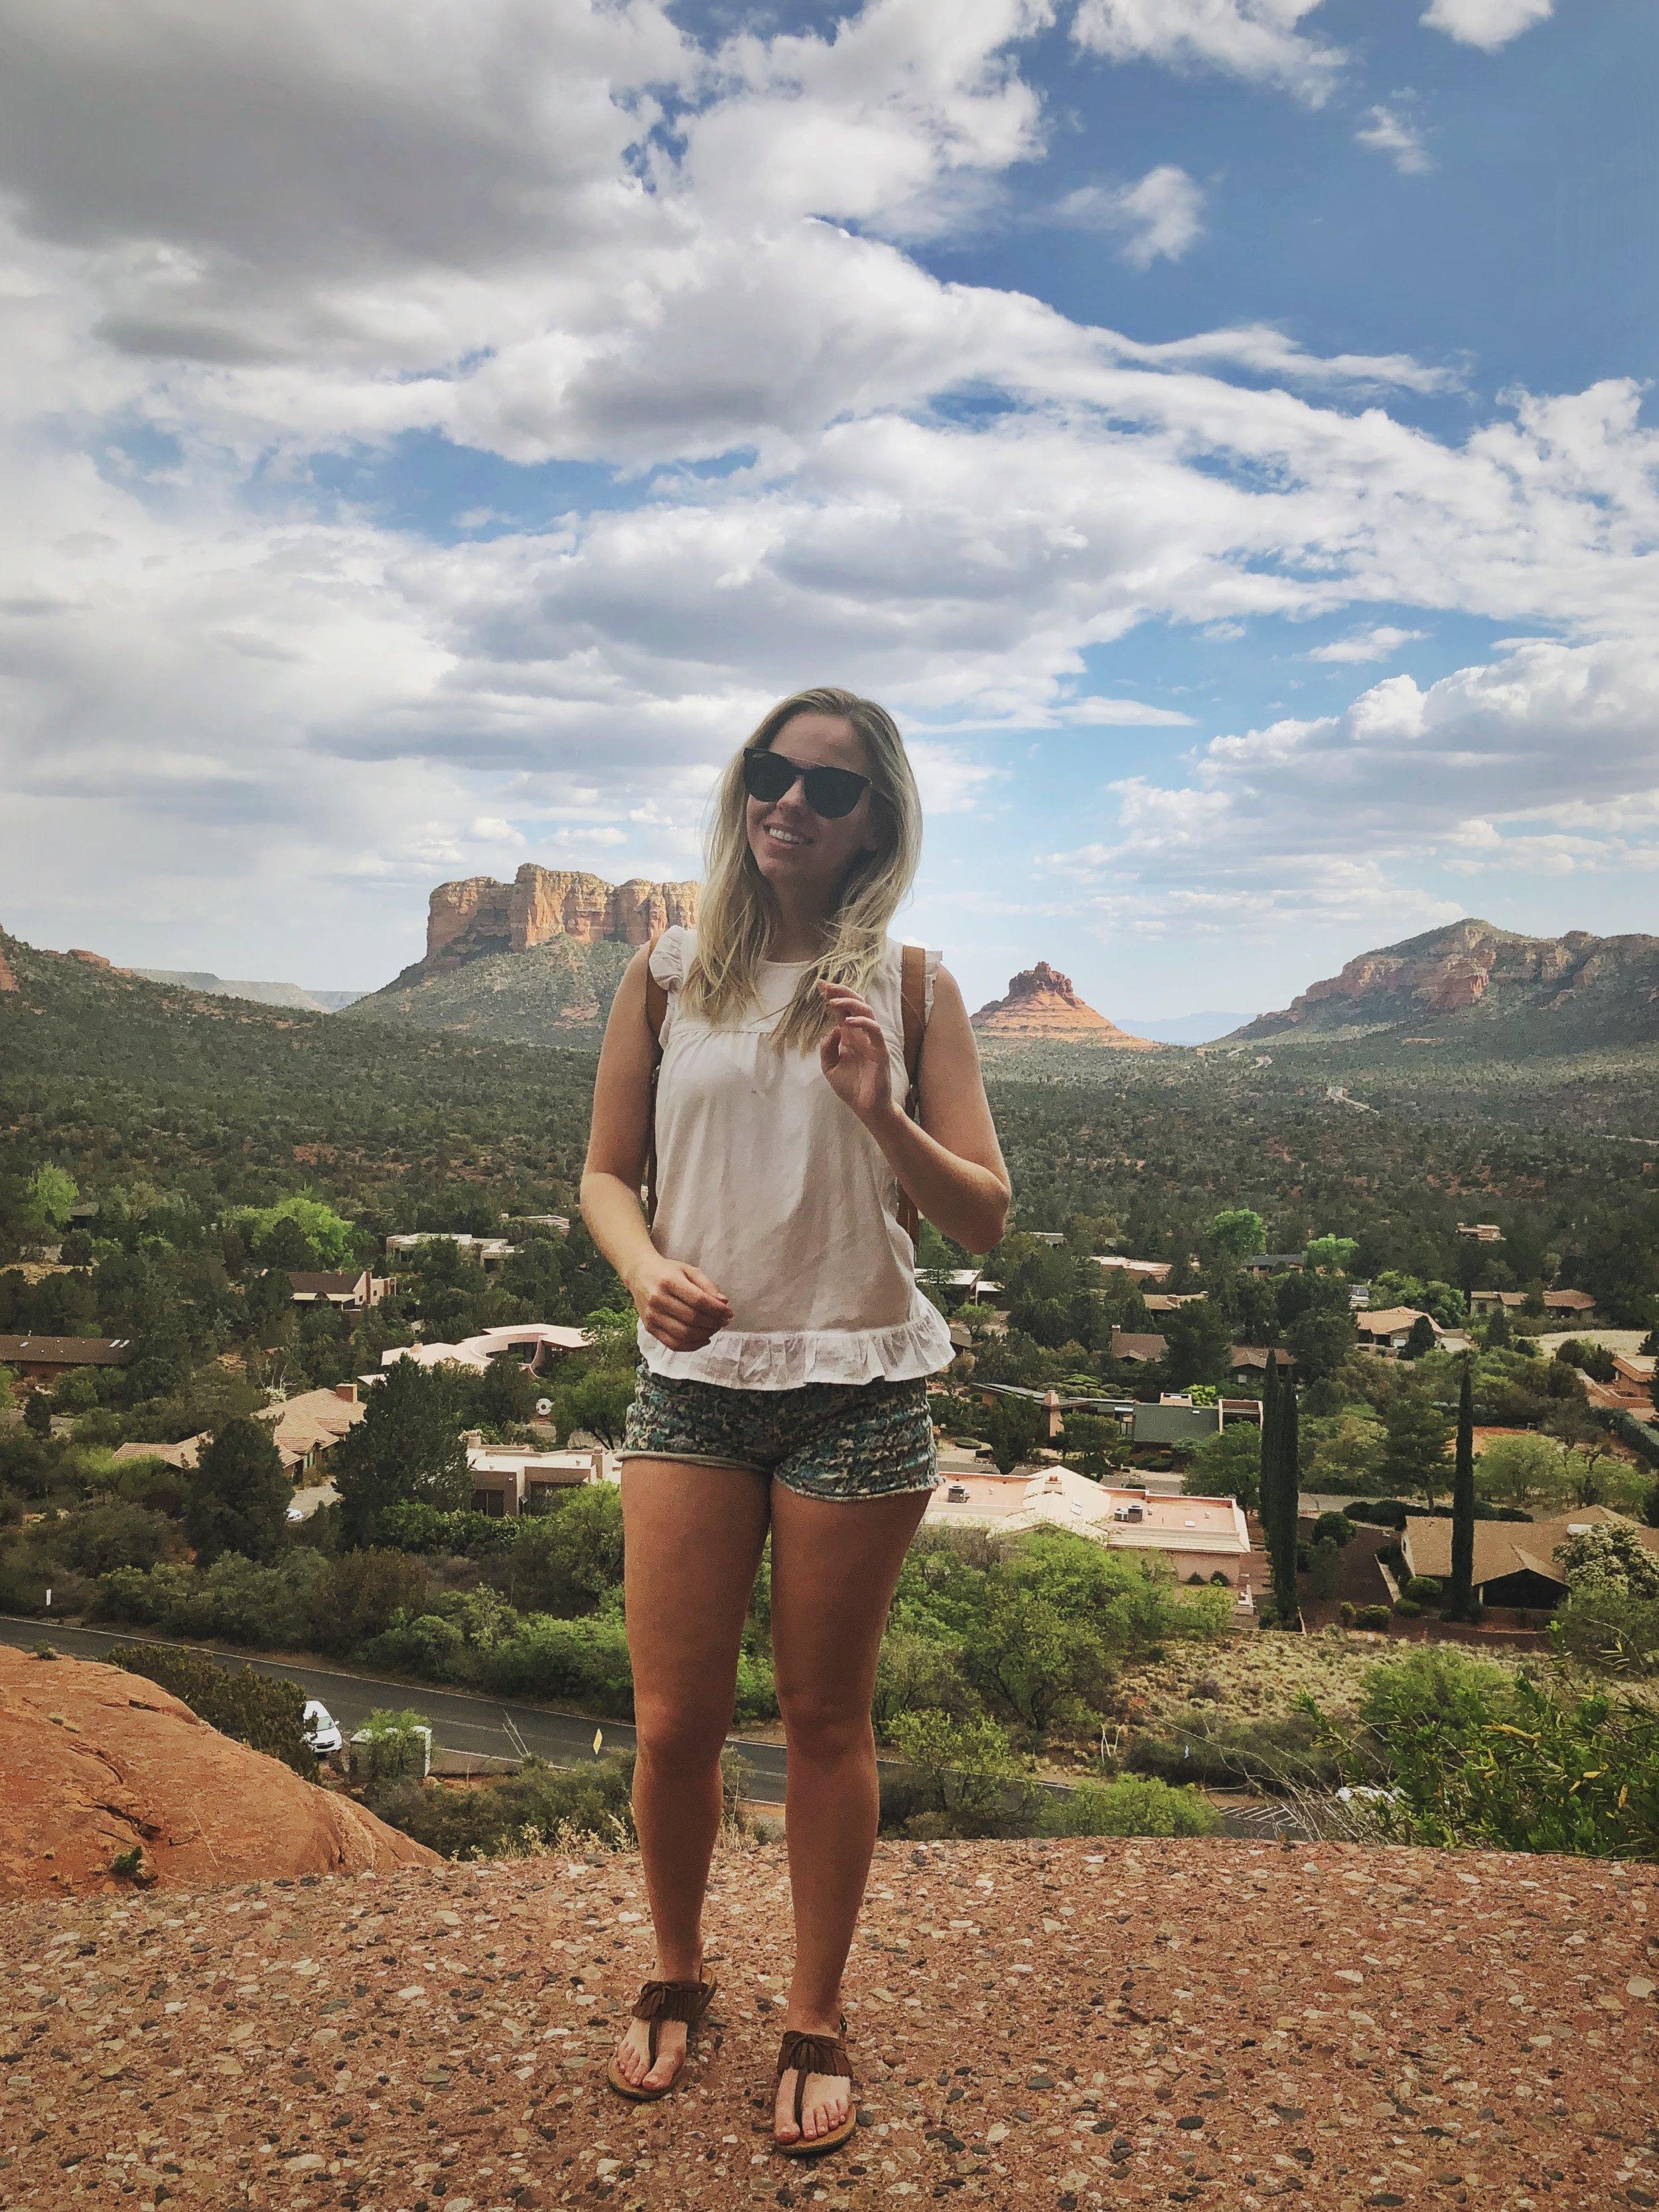 Ela Arizona